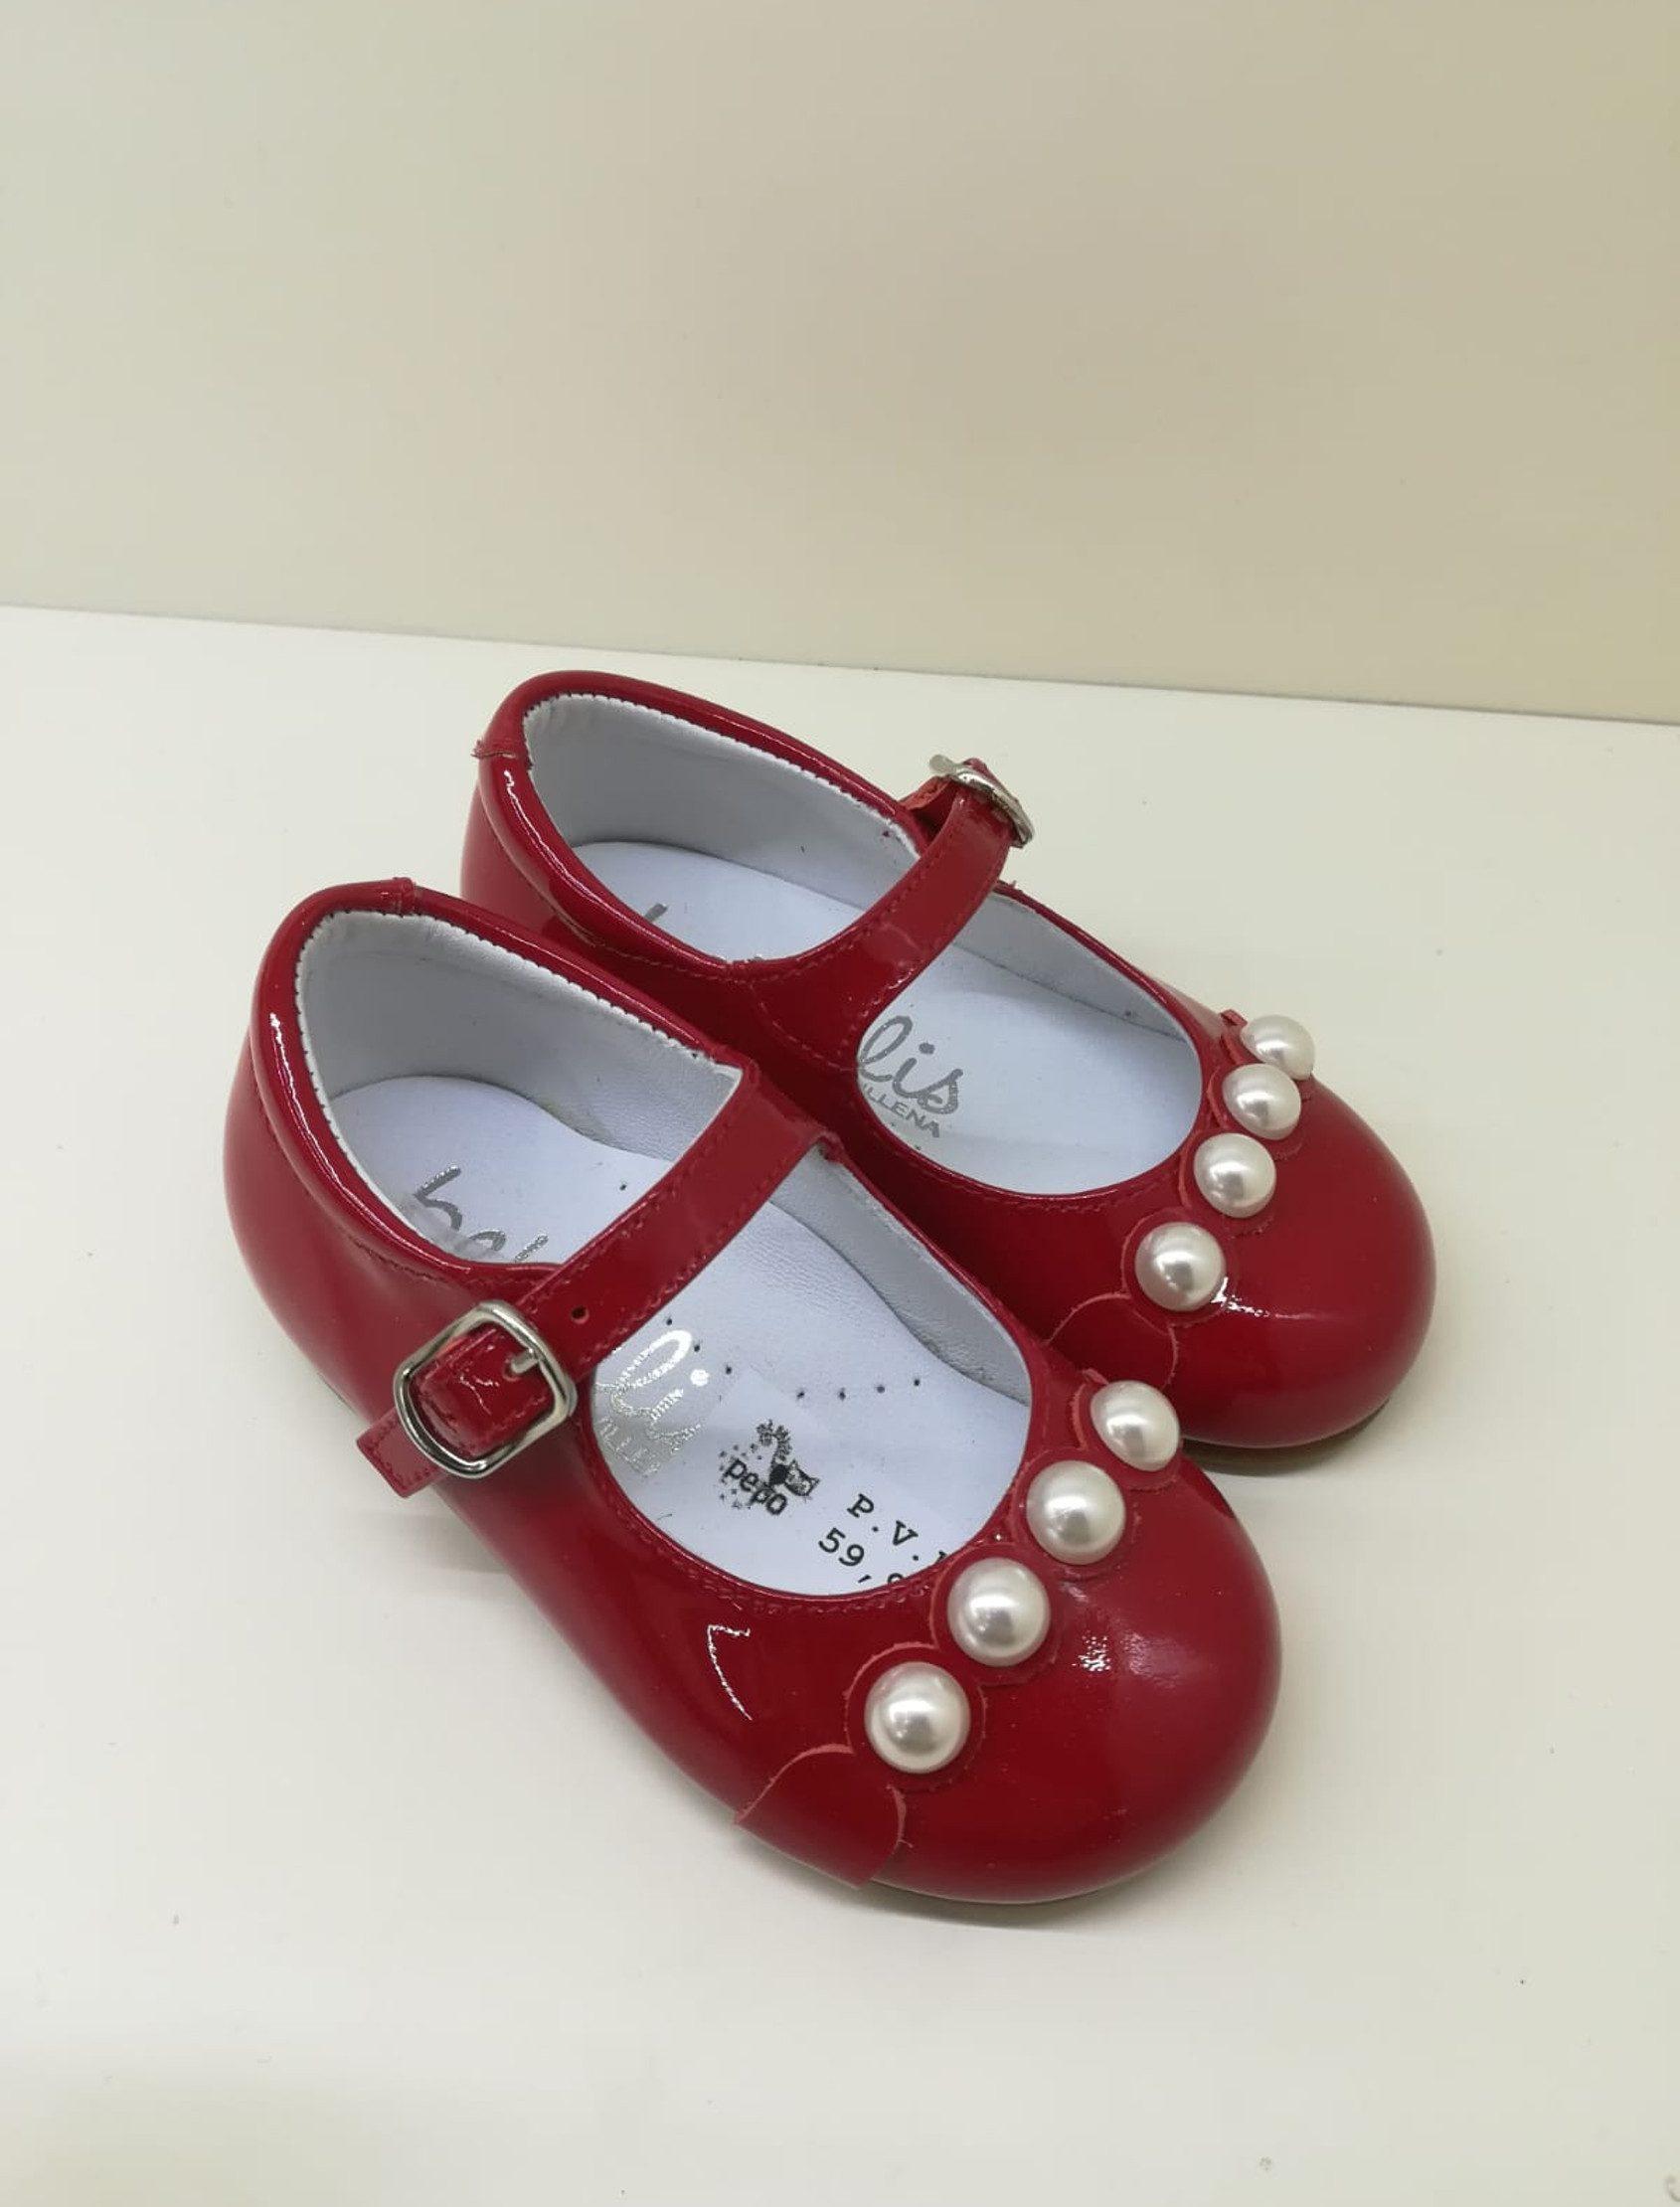 Mercedes en charol rojo con tira de perlas blancas en la puntera a modo de adorno.